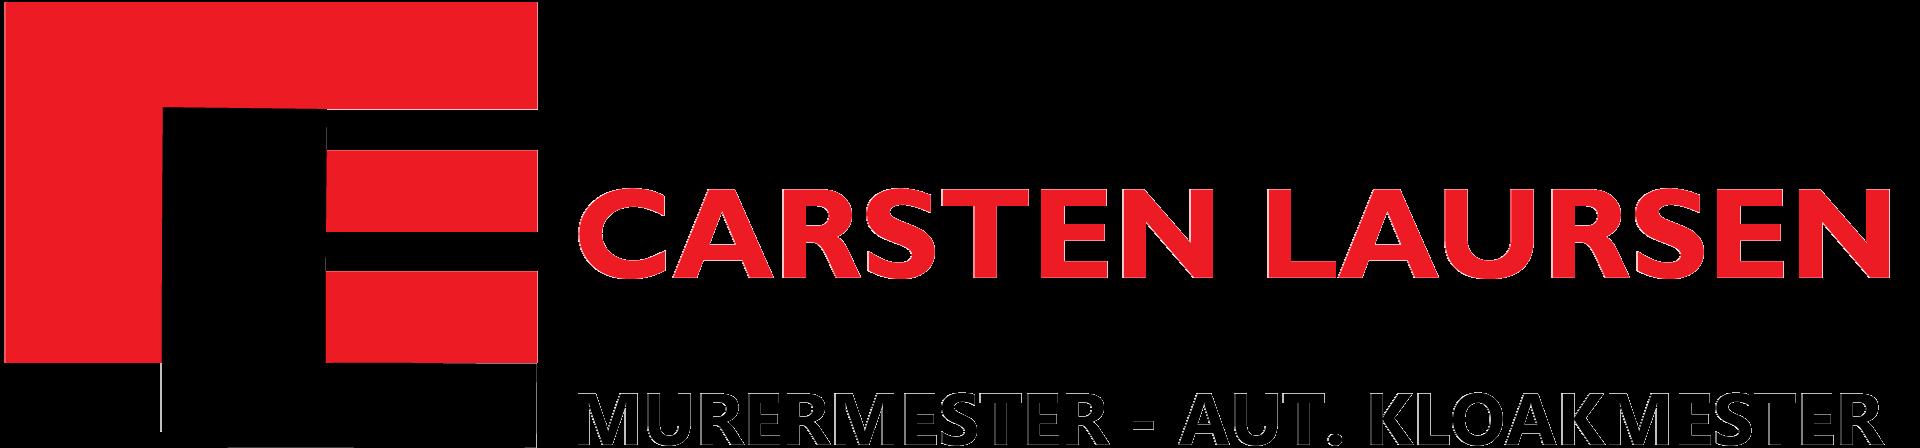 Carsten Laursen ApS